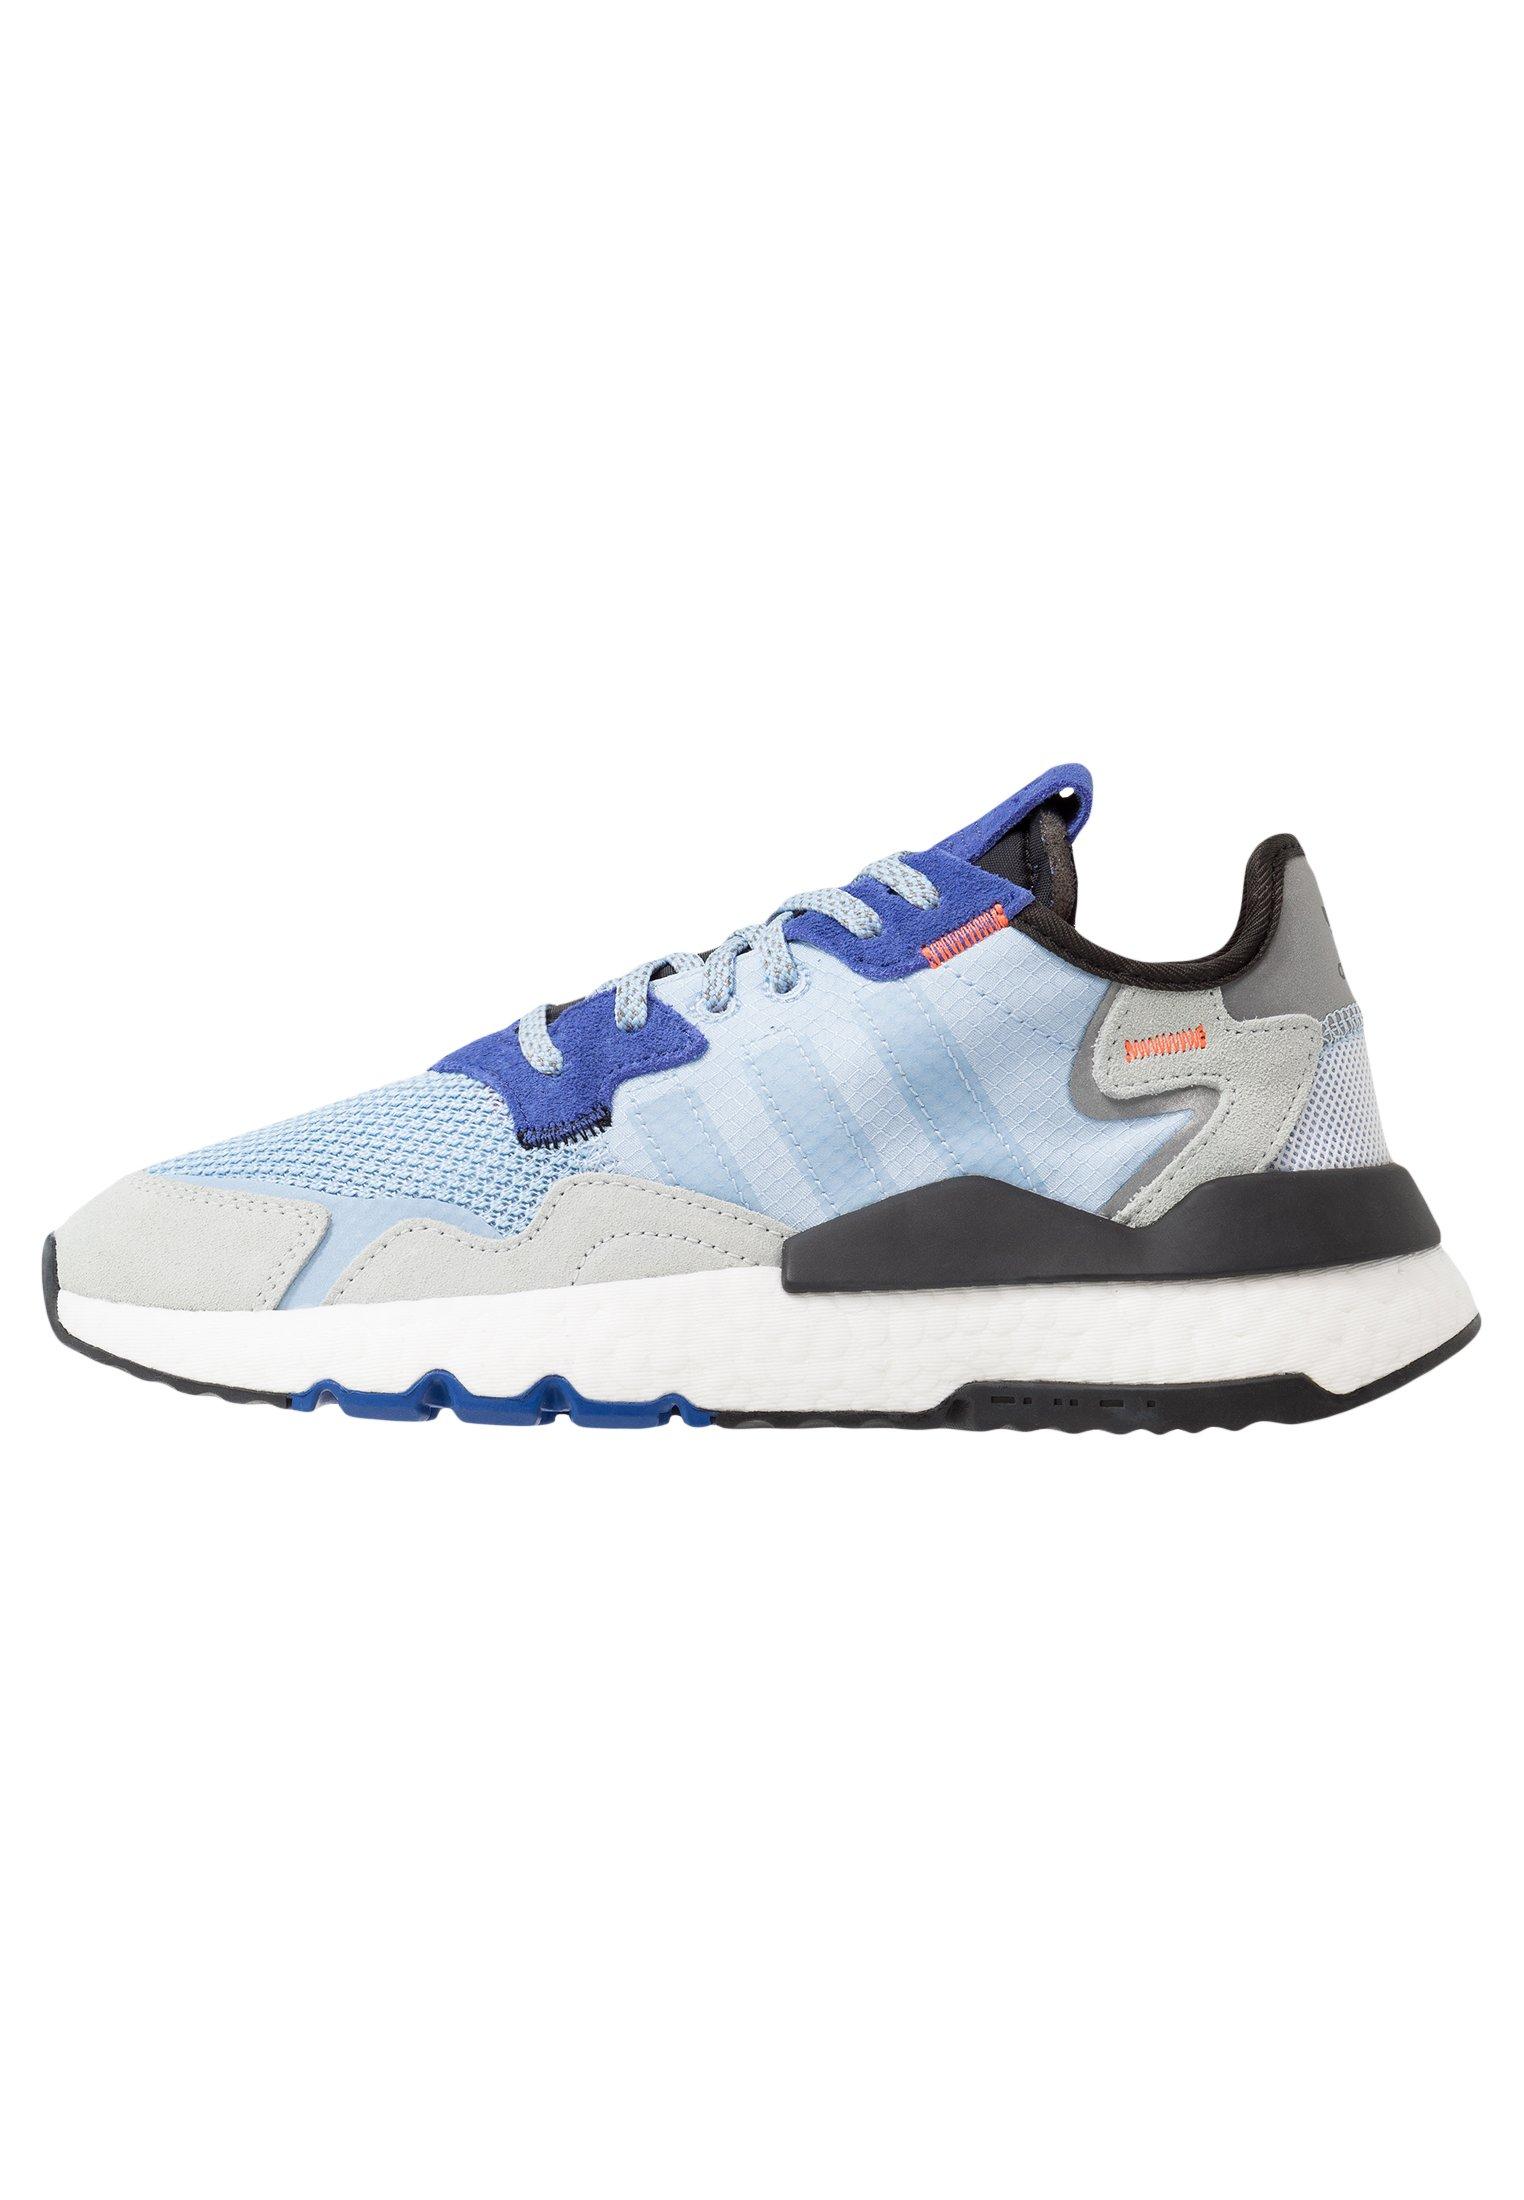 adidas nite jogger femme bleu